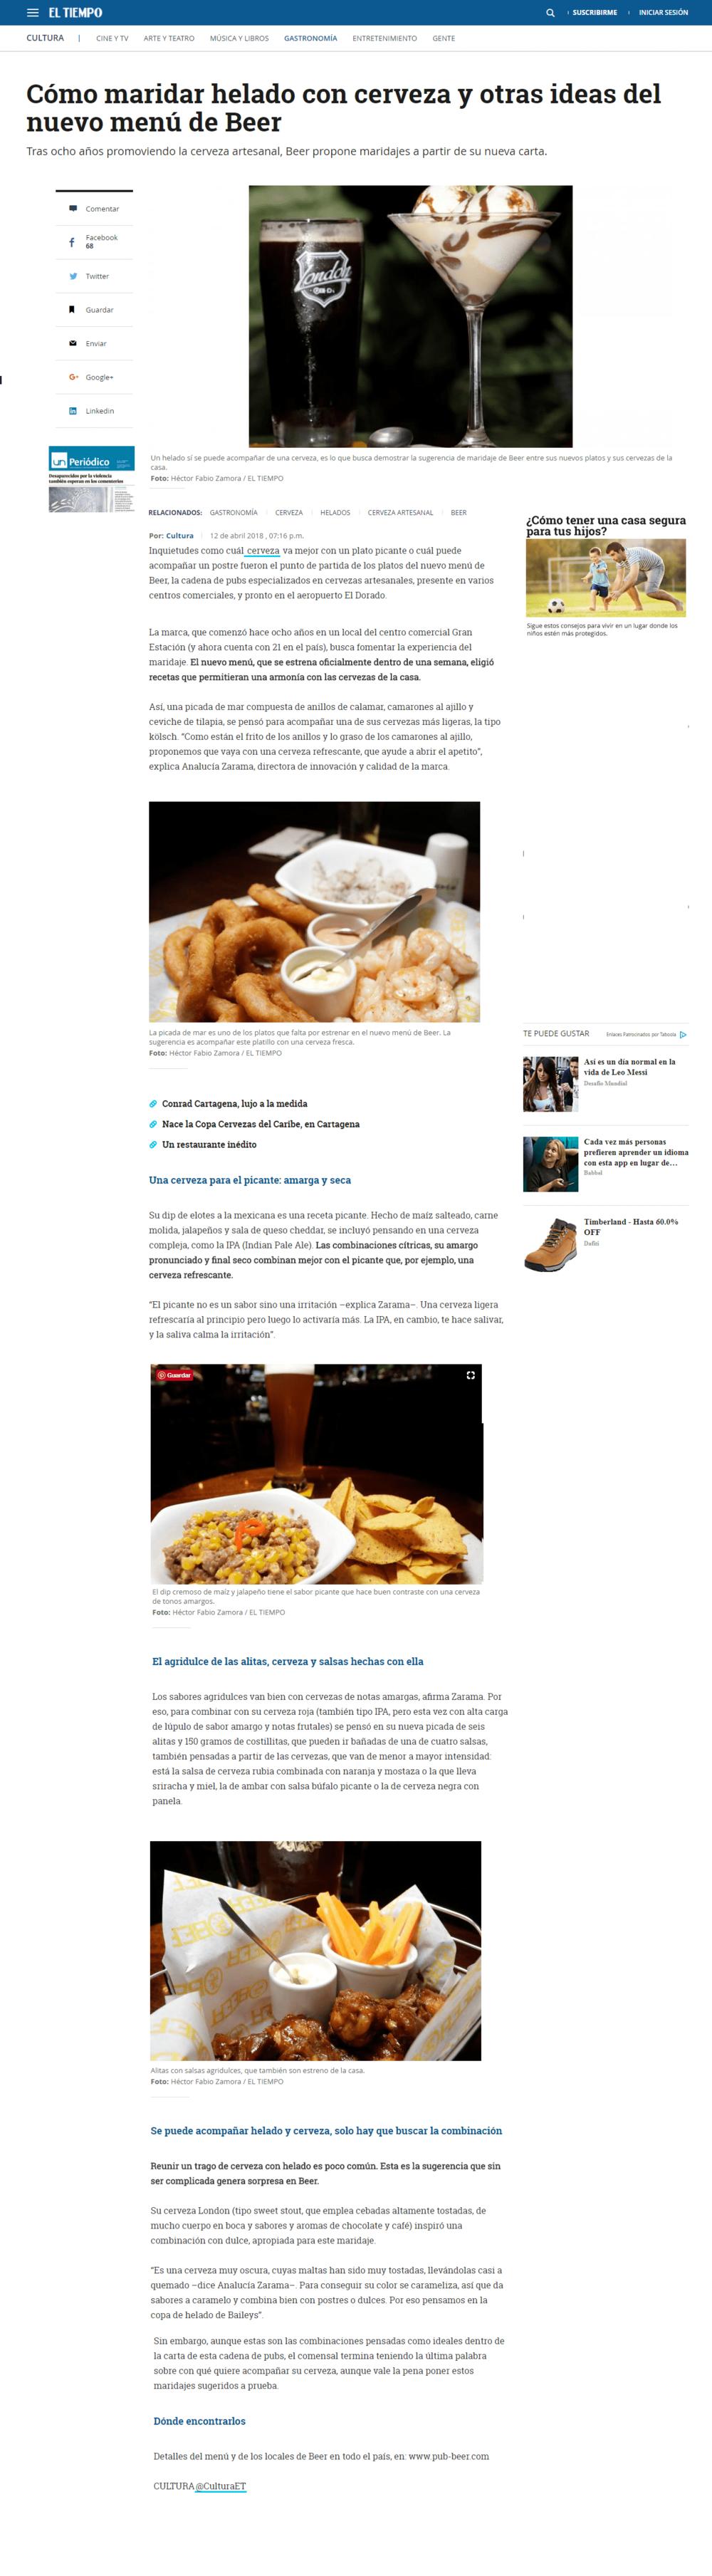 http://www.eltiempo.com/cultura/gastronomia/propuesta-de-platos-de-los-pubs-beer-para-maridar-con-cerveza-204504